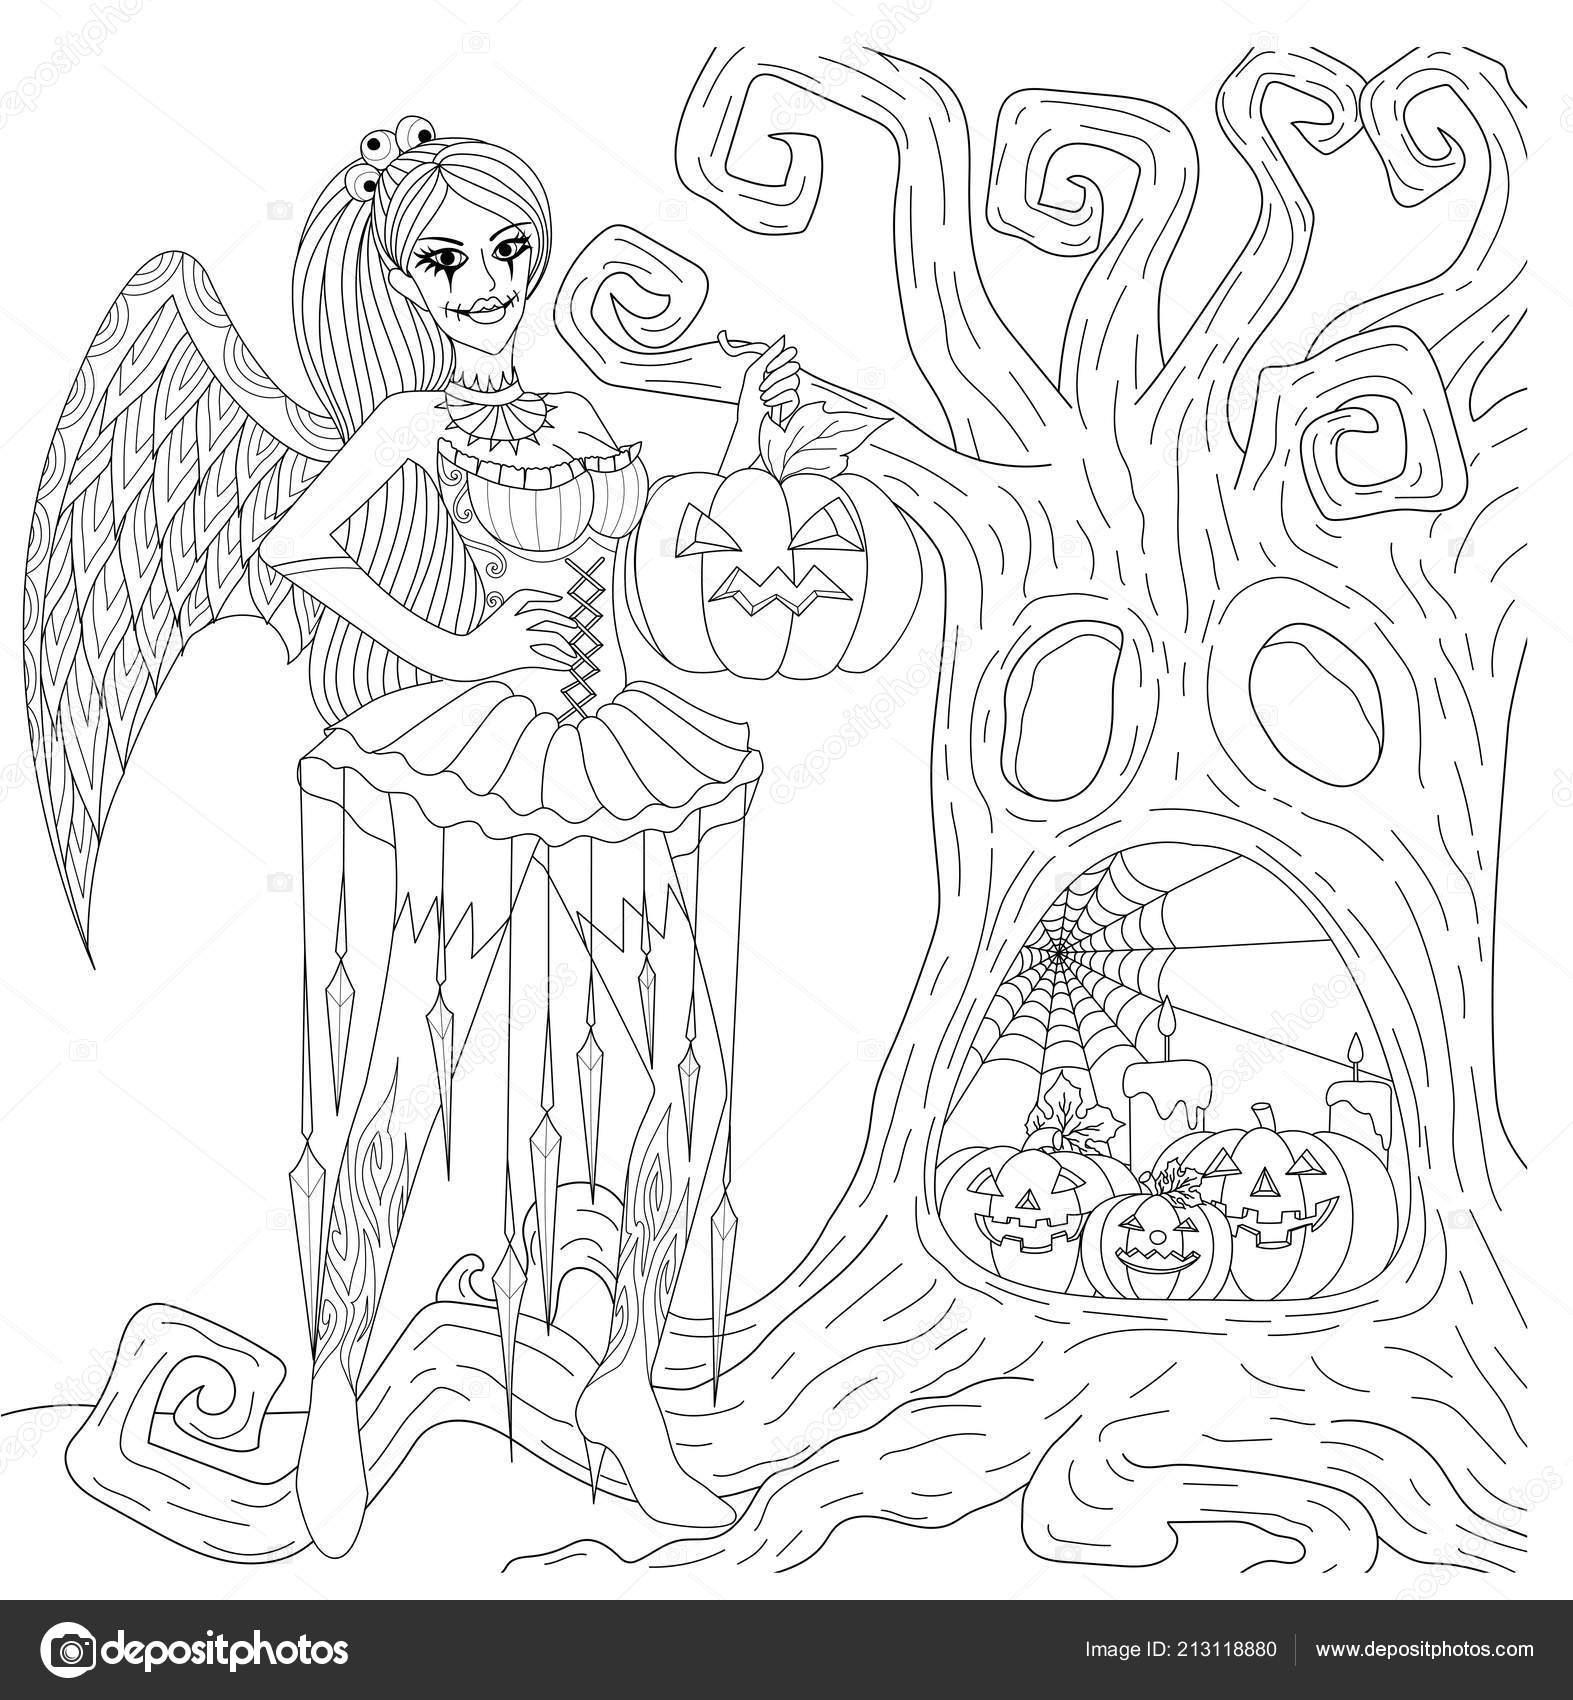 Cadılar Bayramı Ile Gotik Kız Cosplay Kuru Ağaç Boyama Kitabı Stok